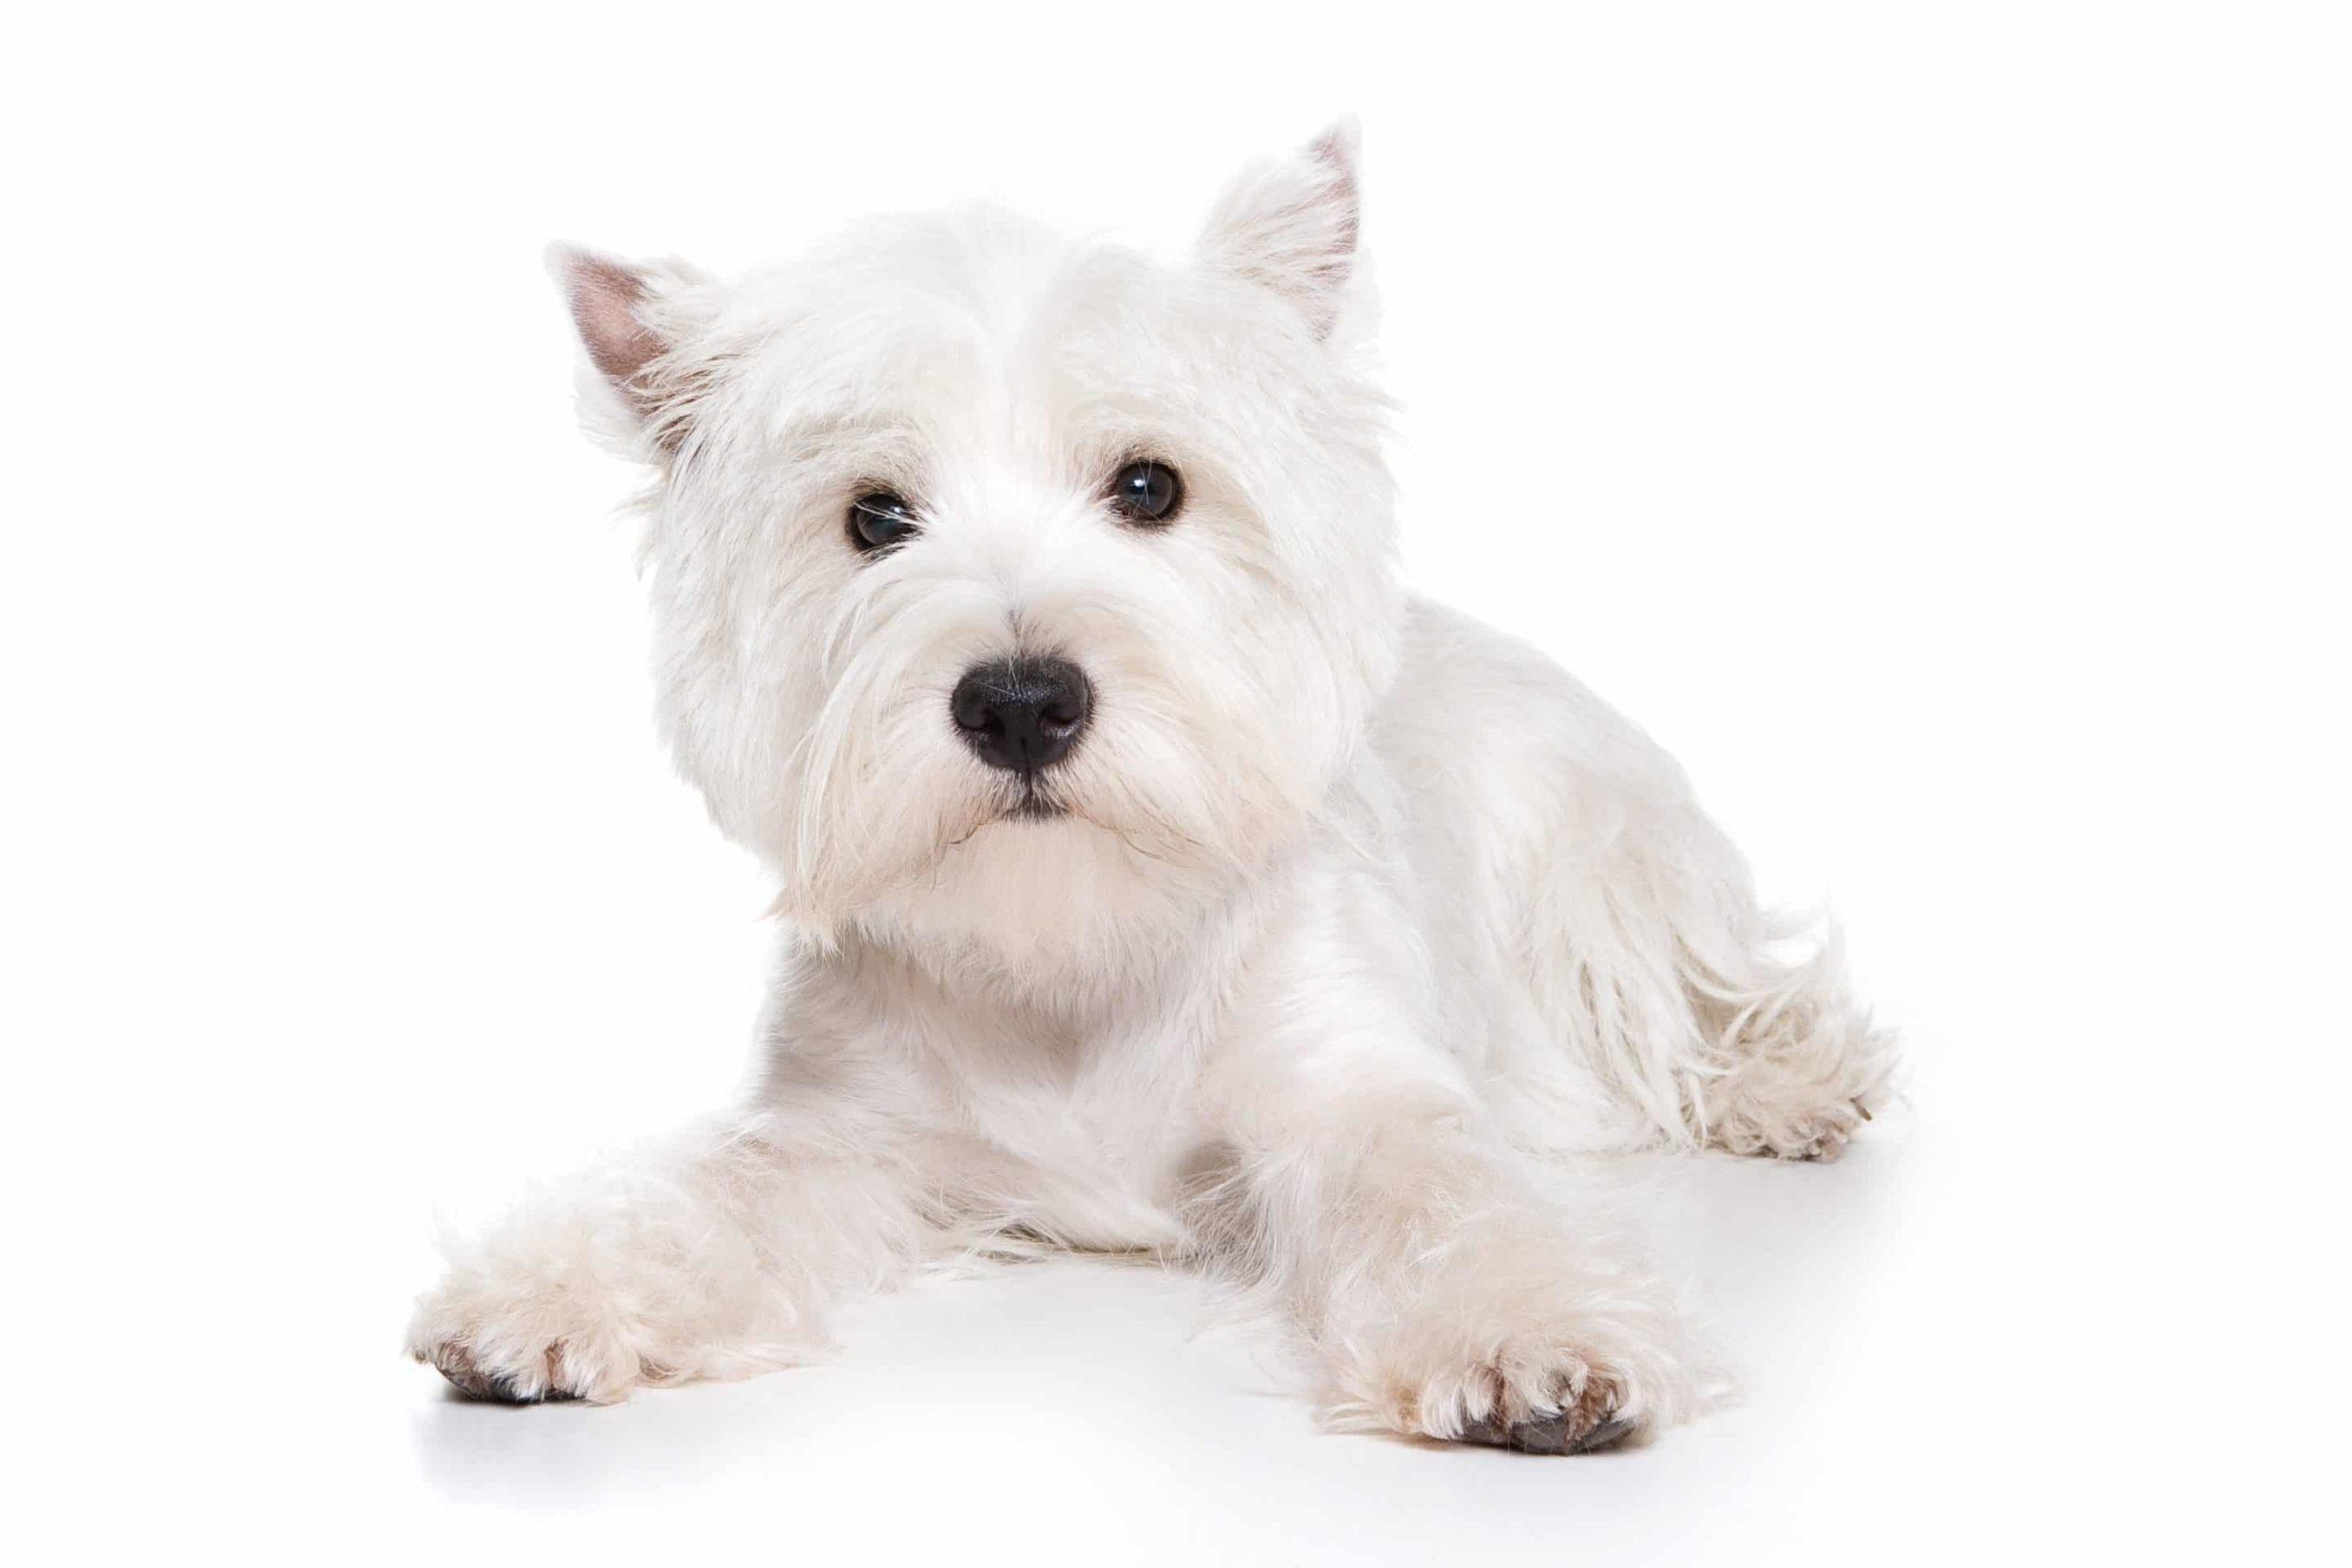 West highland white terrier : un chien rempli d'ardeur et de fougue